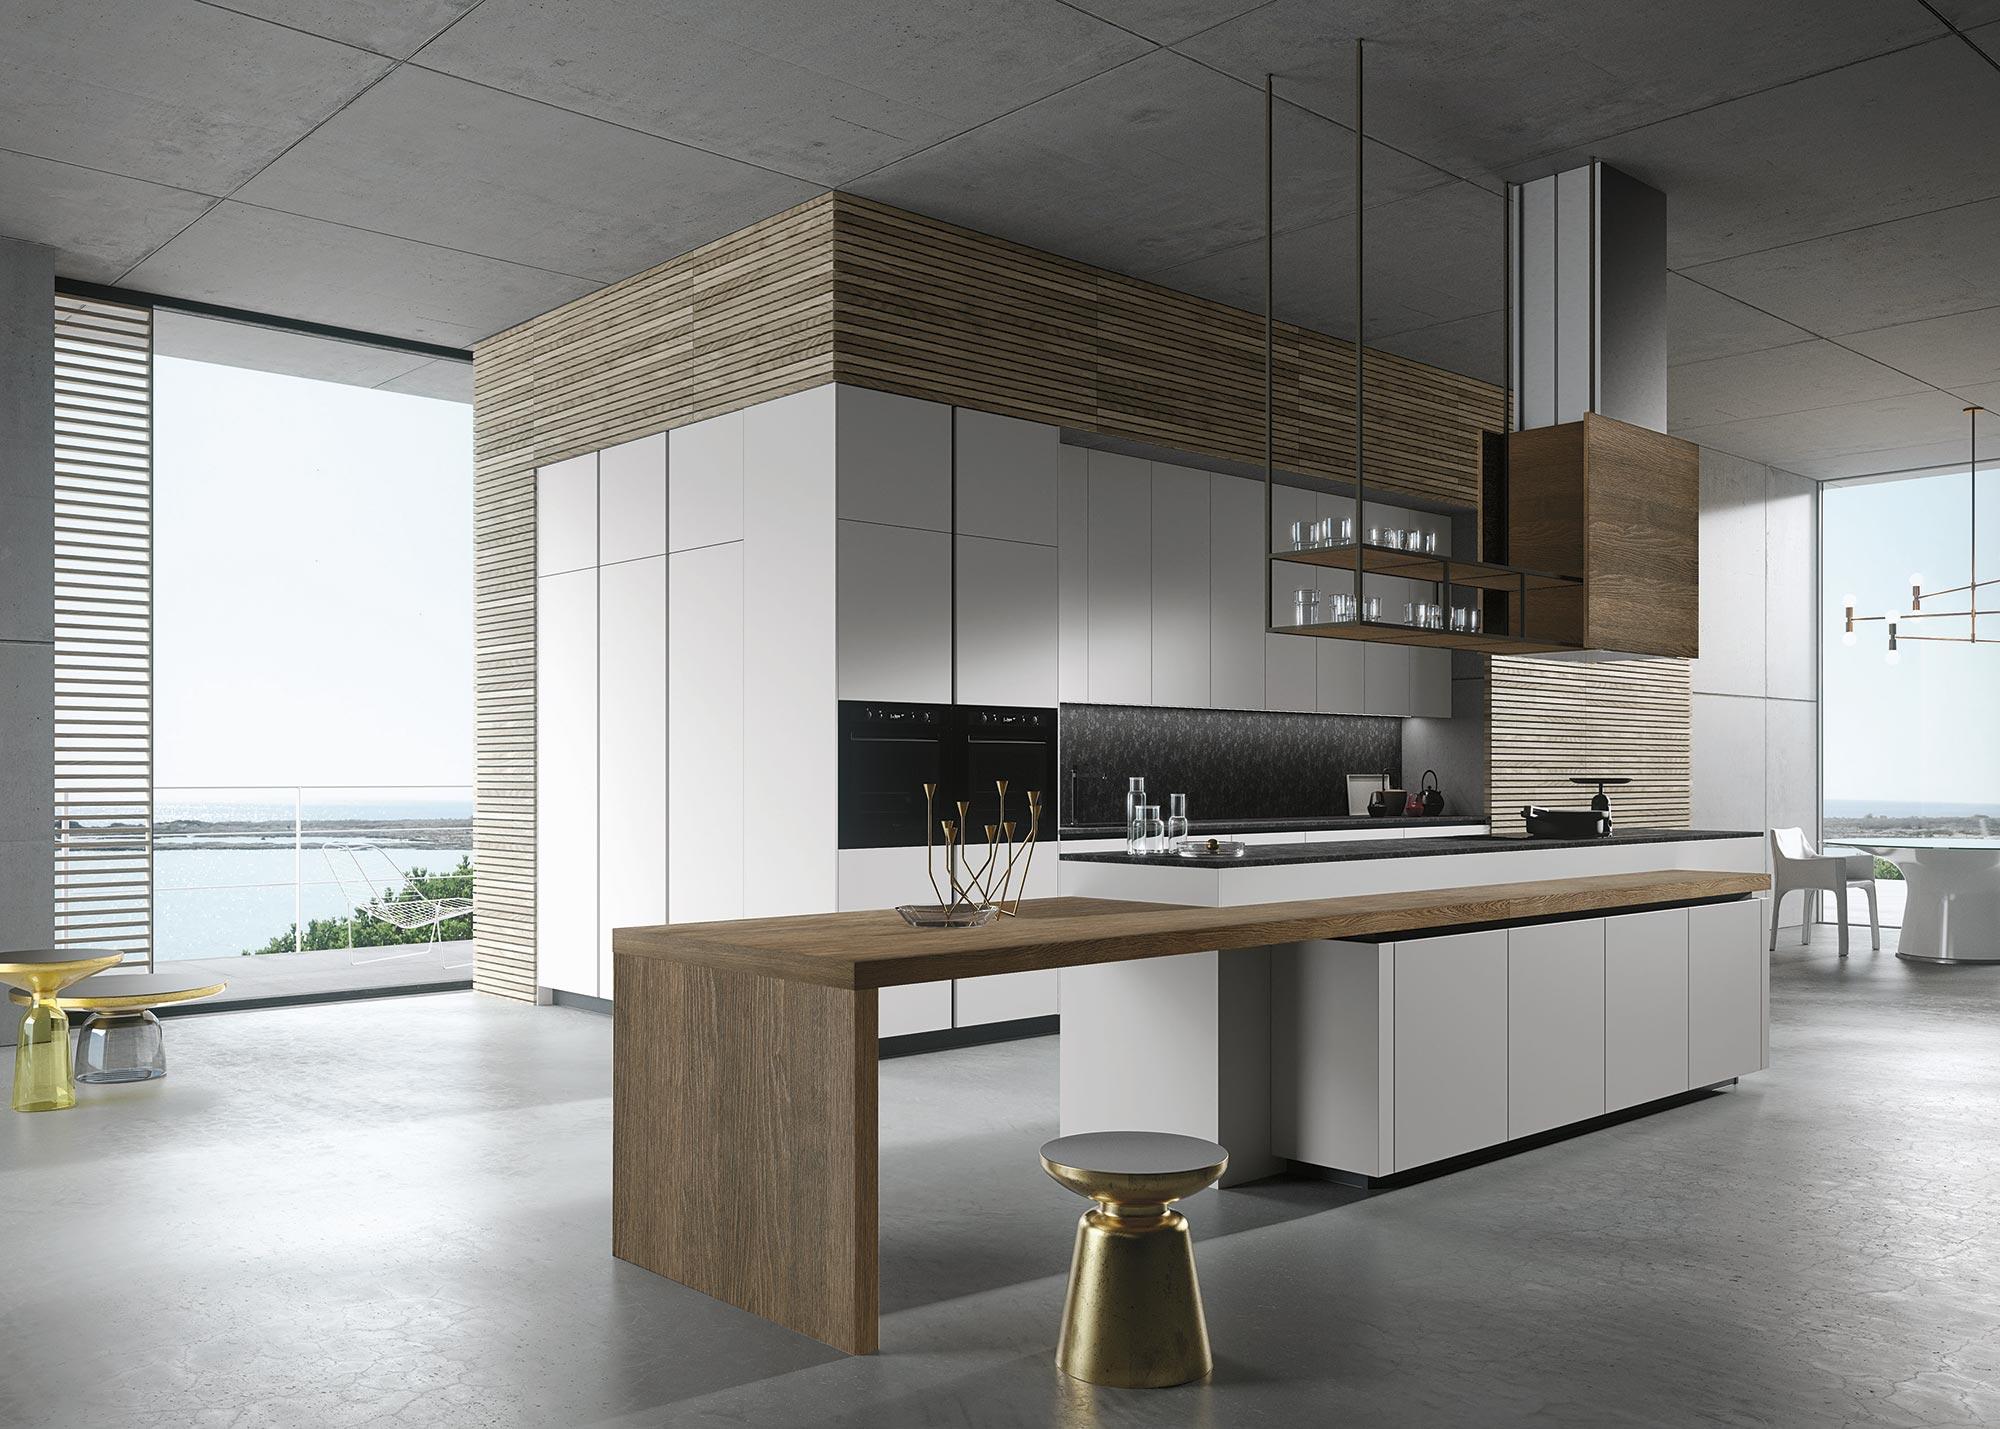 Cucine moderne eleganza sartoriale e contaminazione - Immagini cucine moderne ...